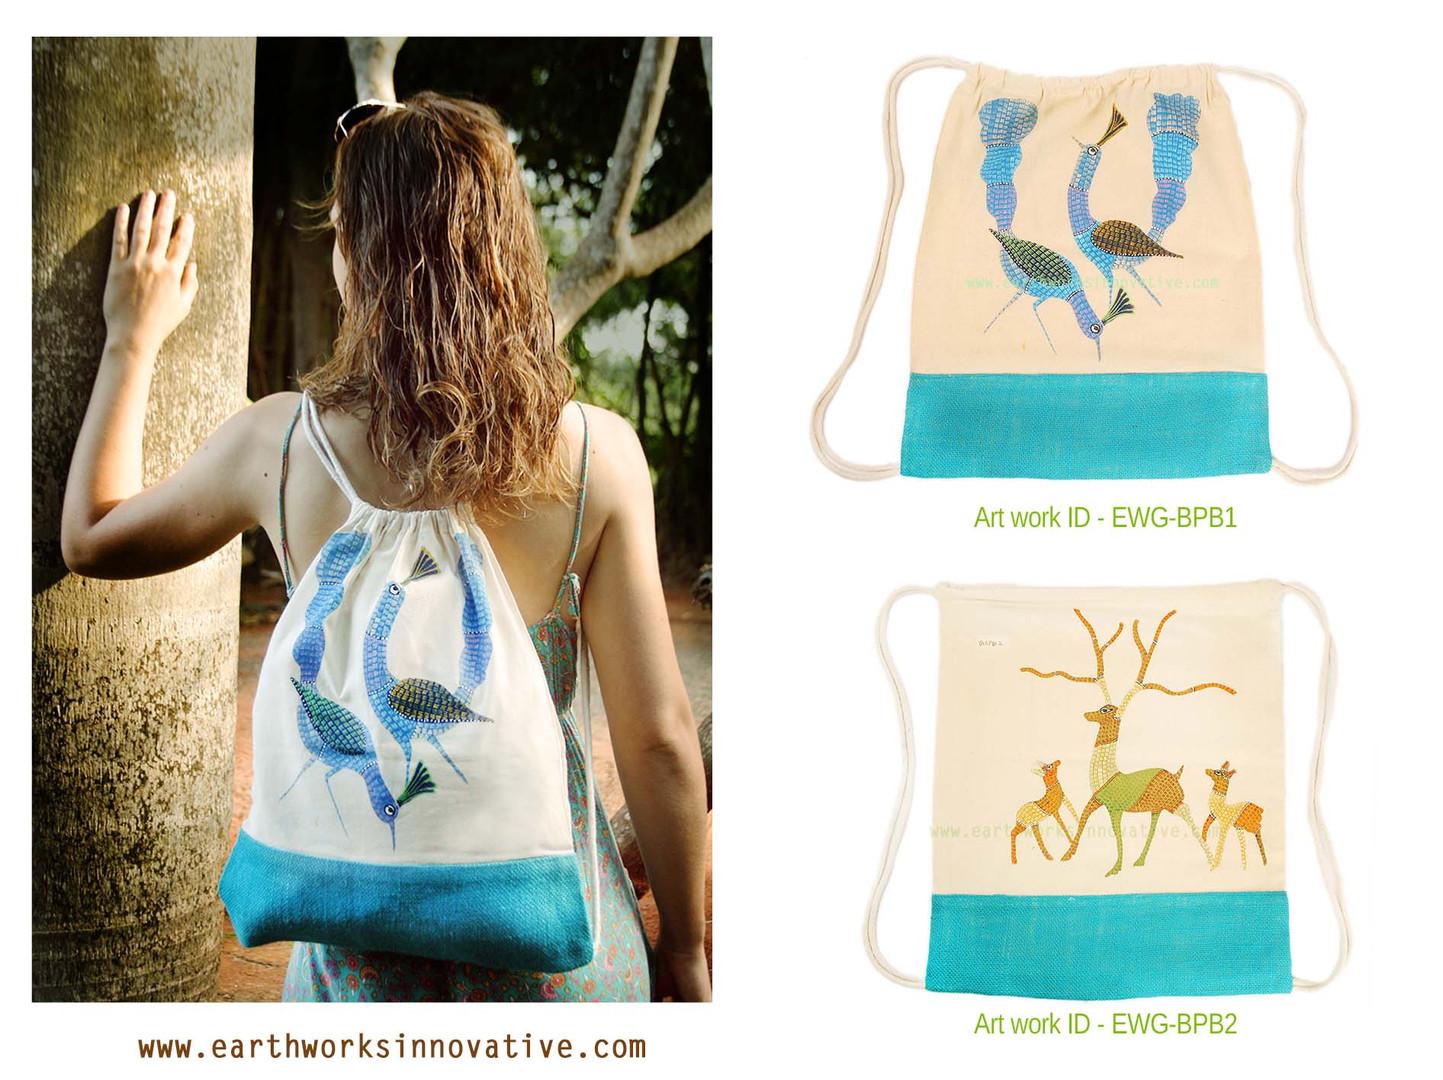 Earthworks handpainted bags - EWG-BPB1